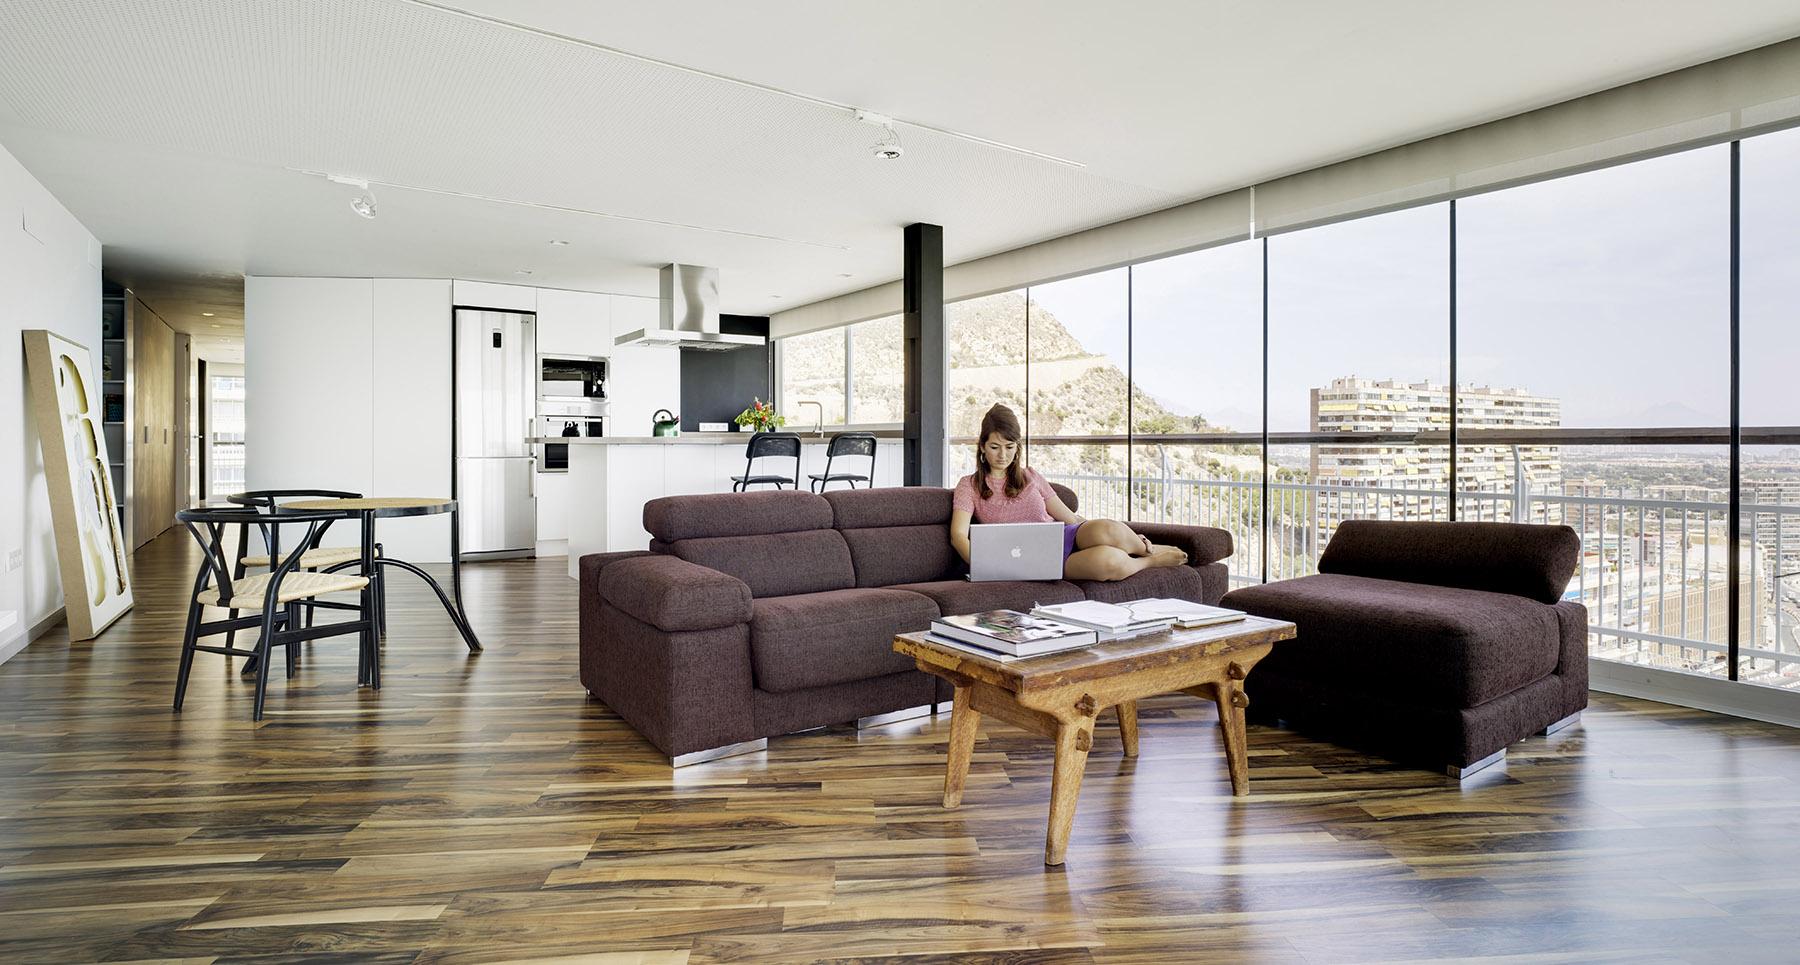 Tico lluna en alicante lluna penthouse in alicante cor - Arquitectos en alicante ...